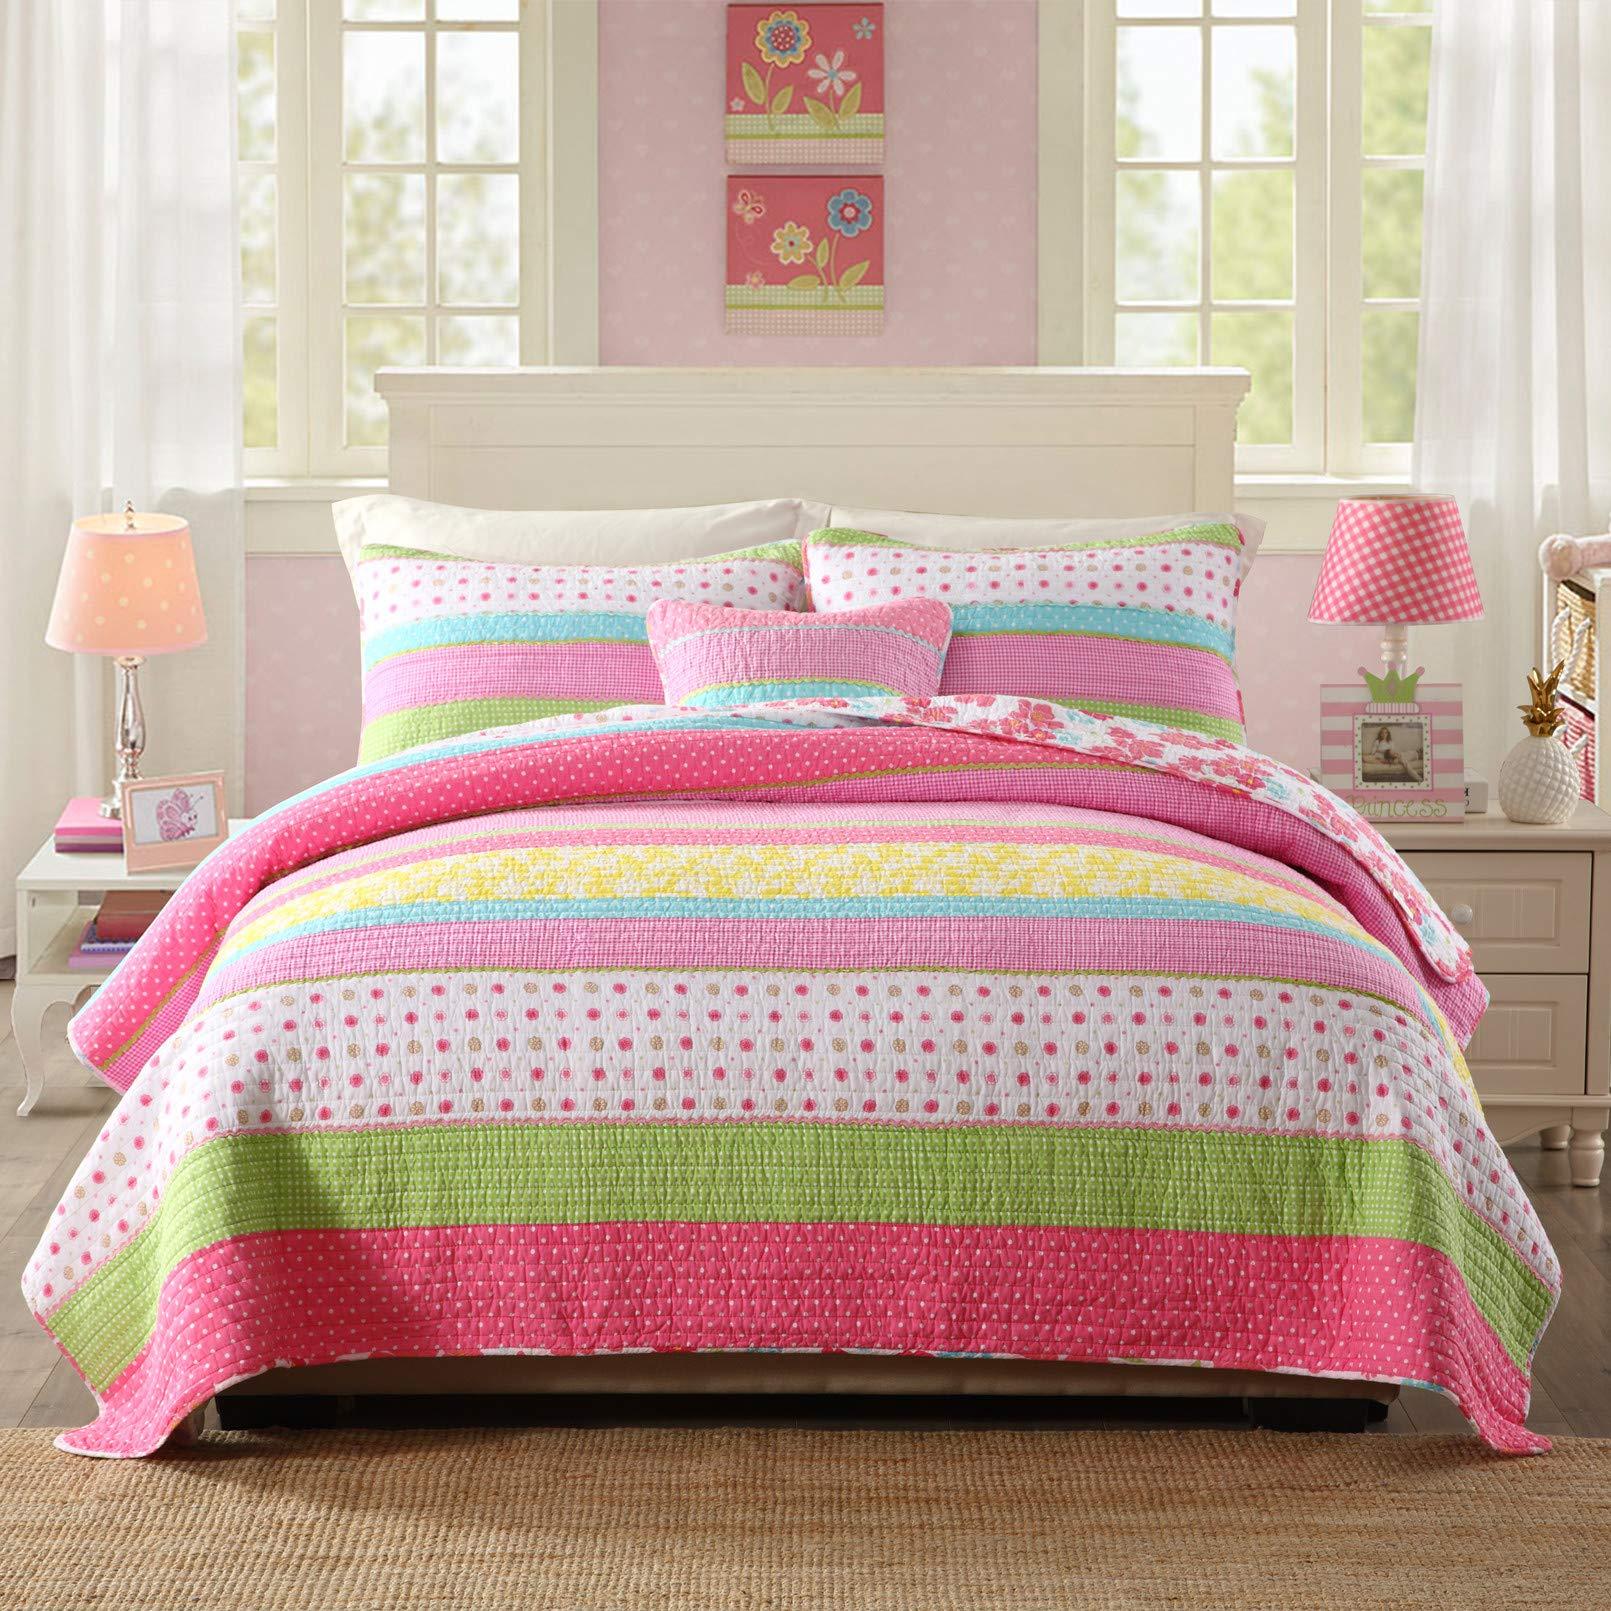 Best Comforter Set 3 Pieces Bedding Set Pink Dot Striped Floral Bedspread Quilt Sets for Girl Kids Children Cotton by Comforbed